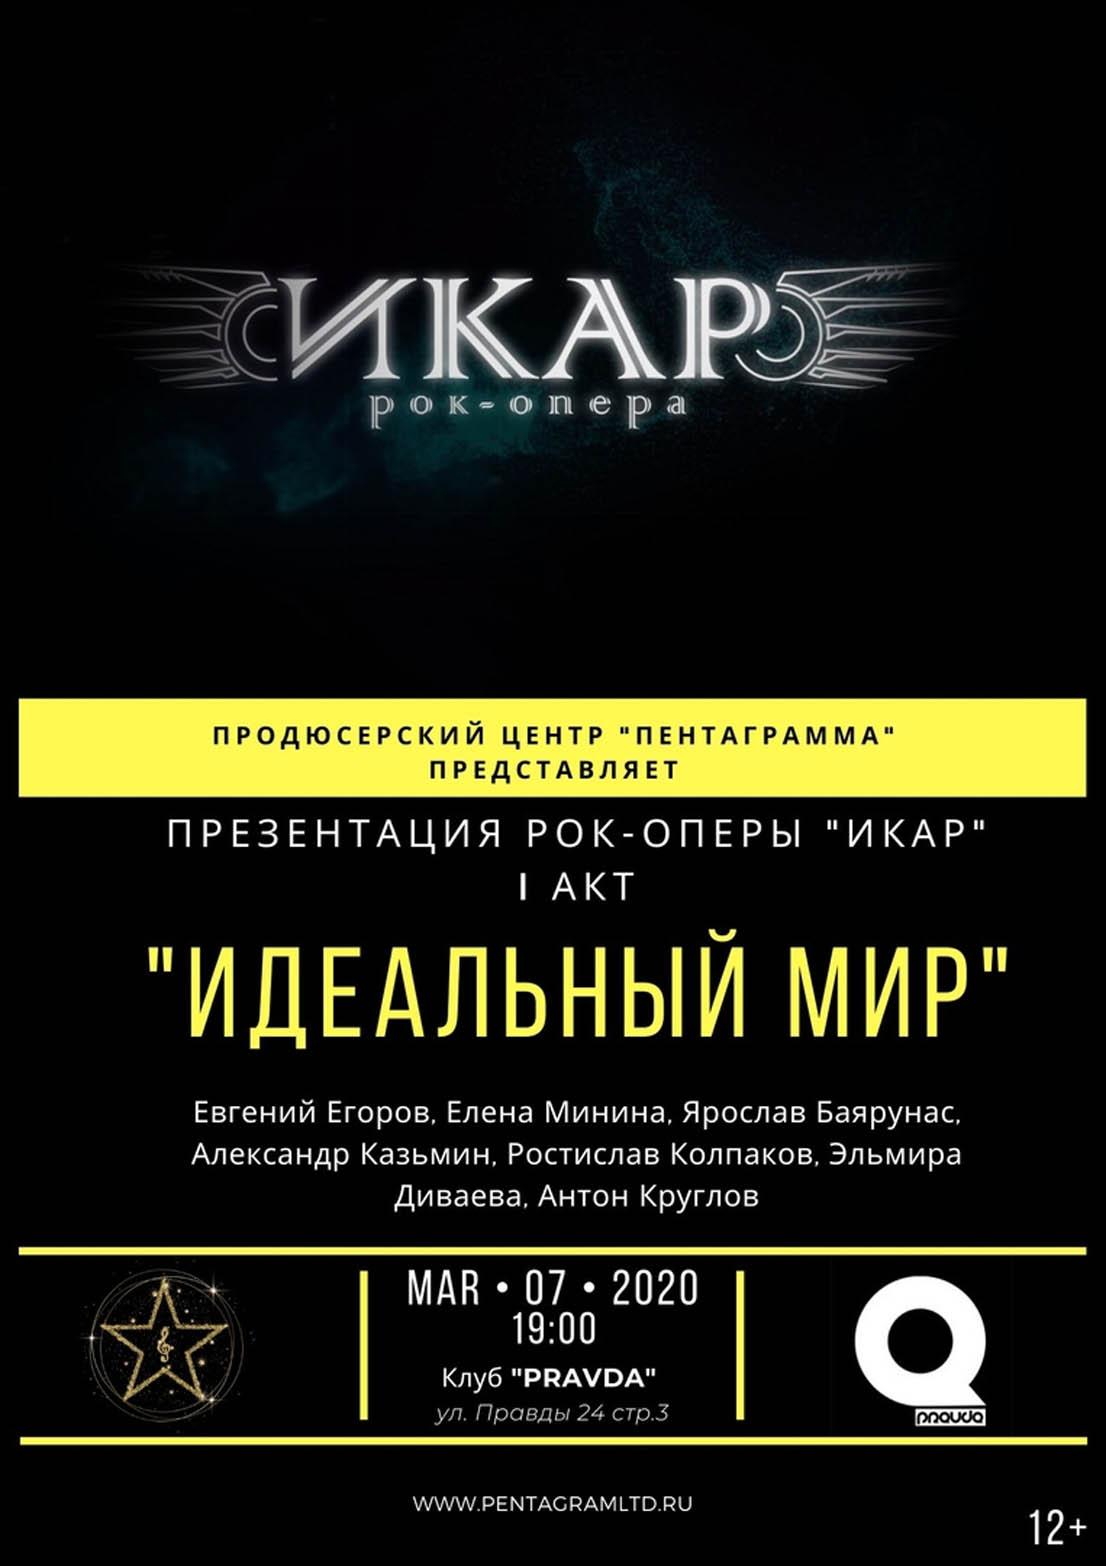 москва клубы 7 марта